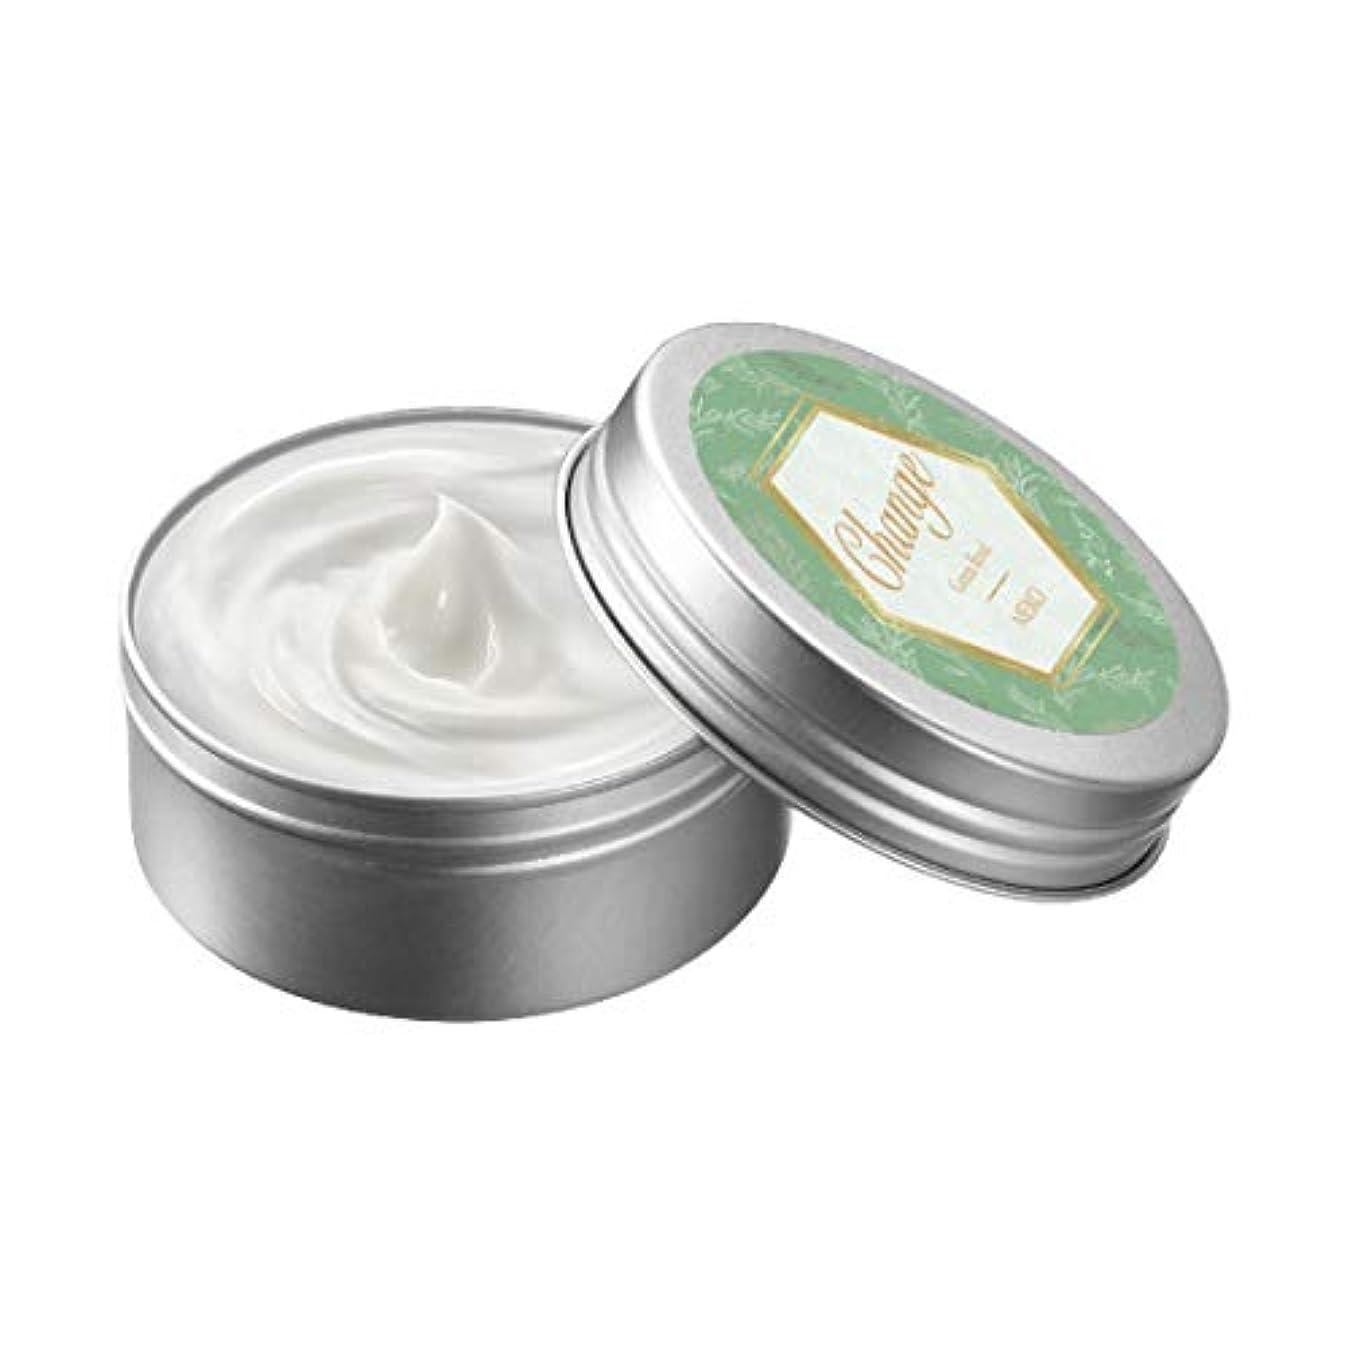 エキサイティング彼らのフランクワースリーボディクリーム グリーンフローラルの香り 60g ( 全身 クリーム 顔 保湿 スキンケア ハンドケア 全身クリーム )【 メイコー メイコー化粧品 】